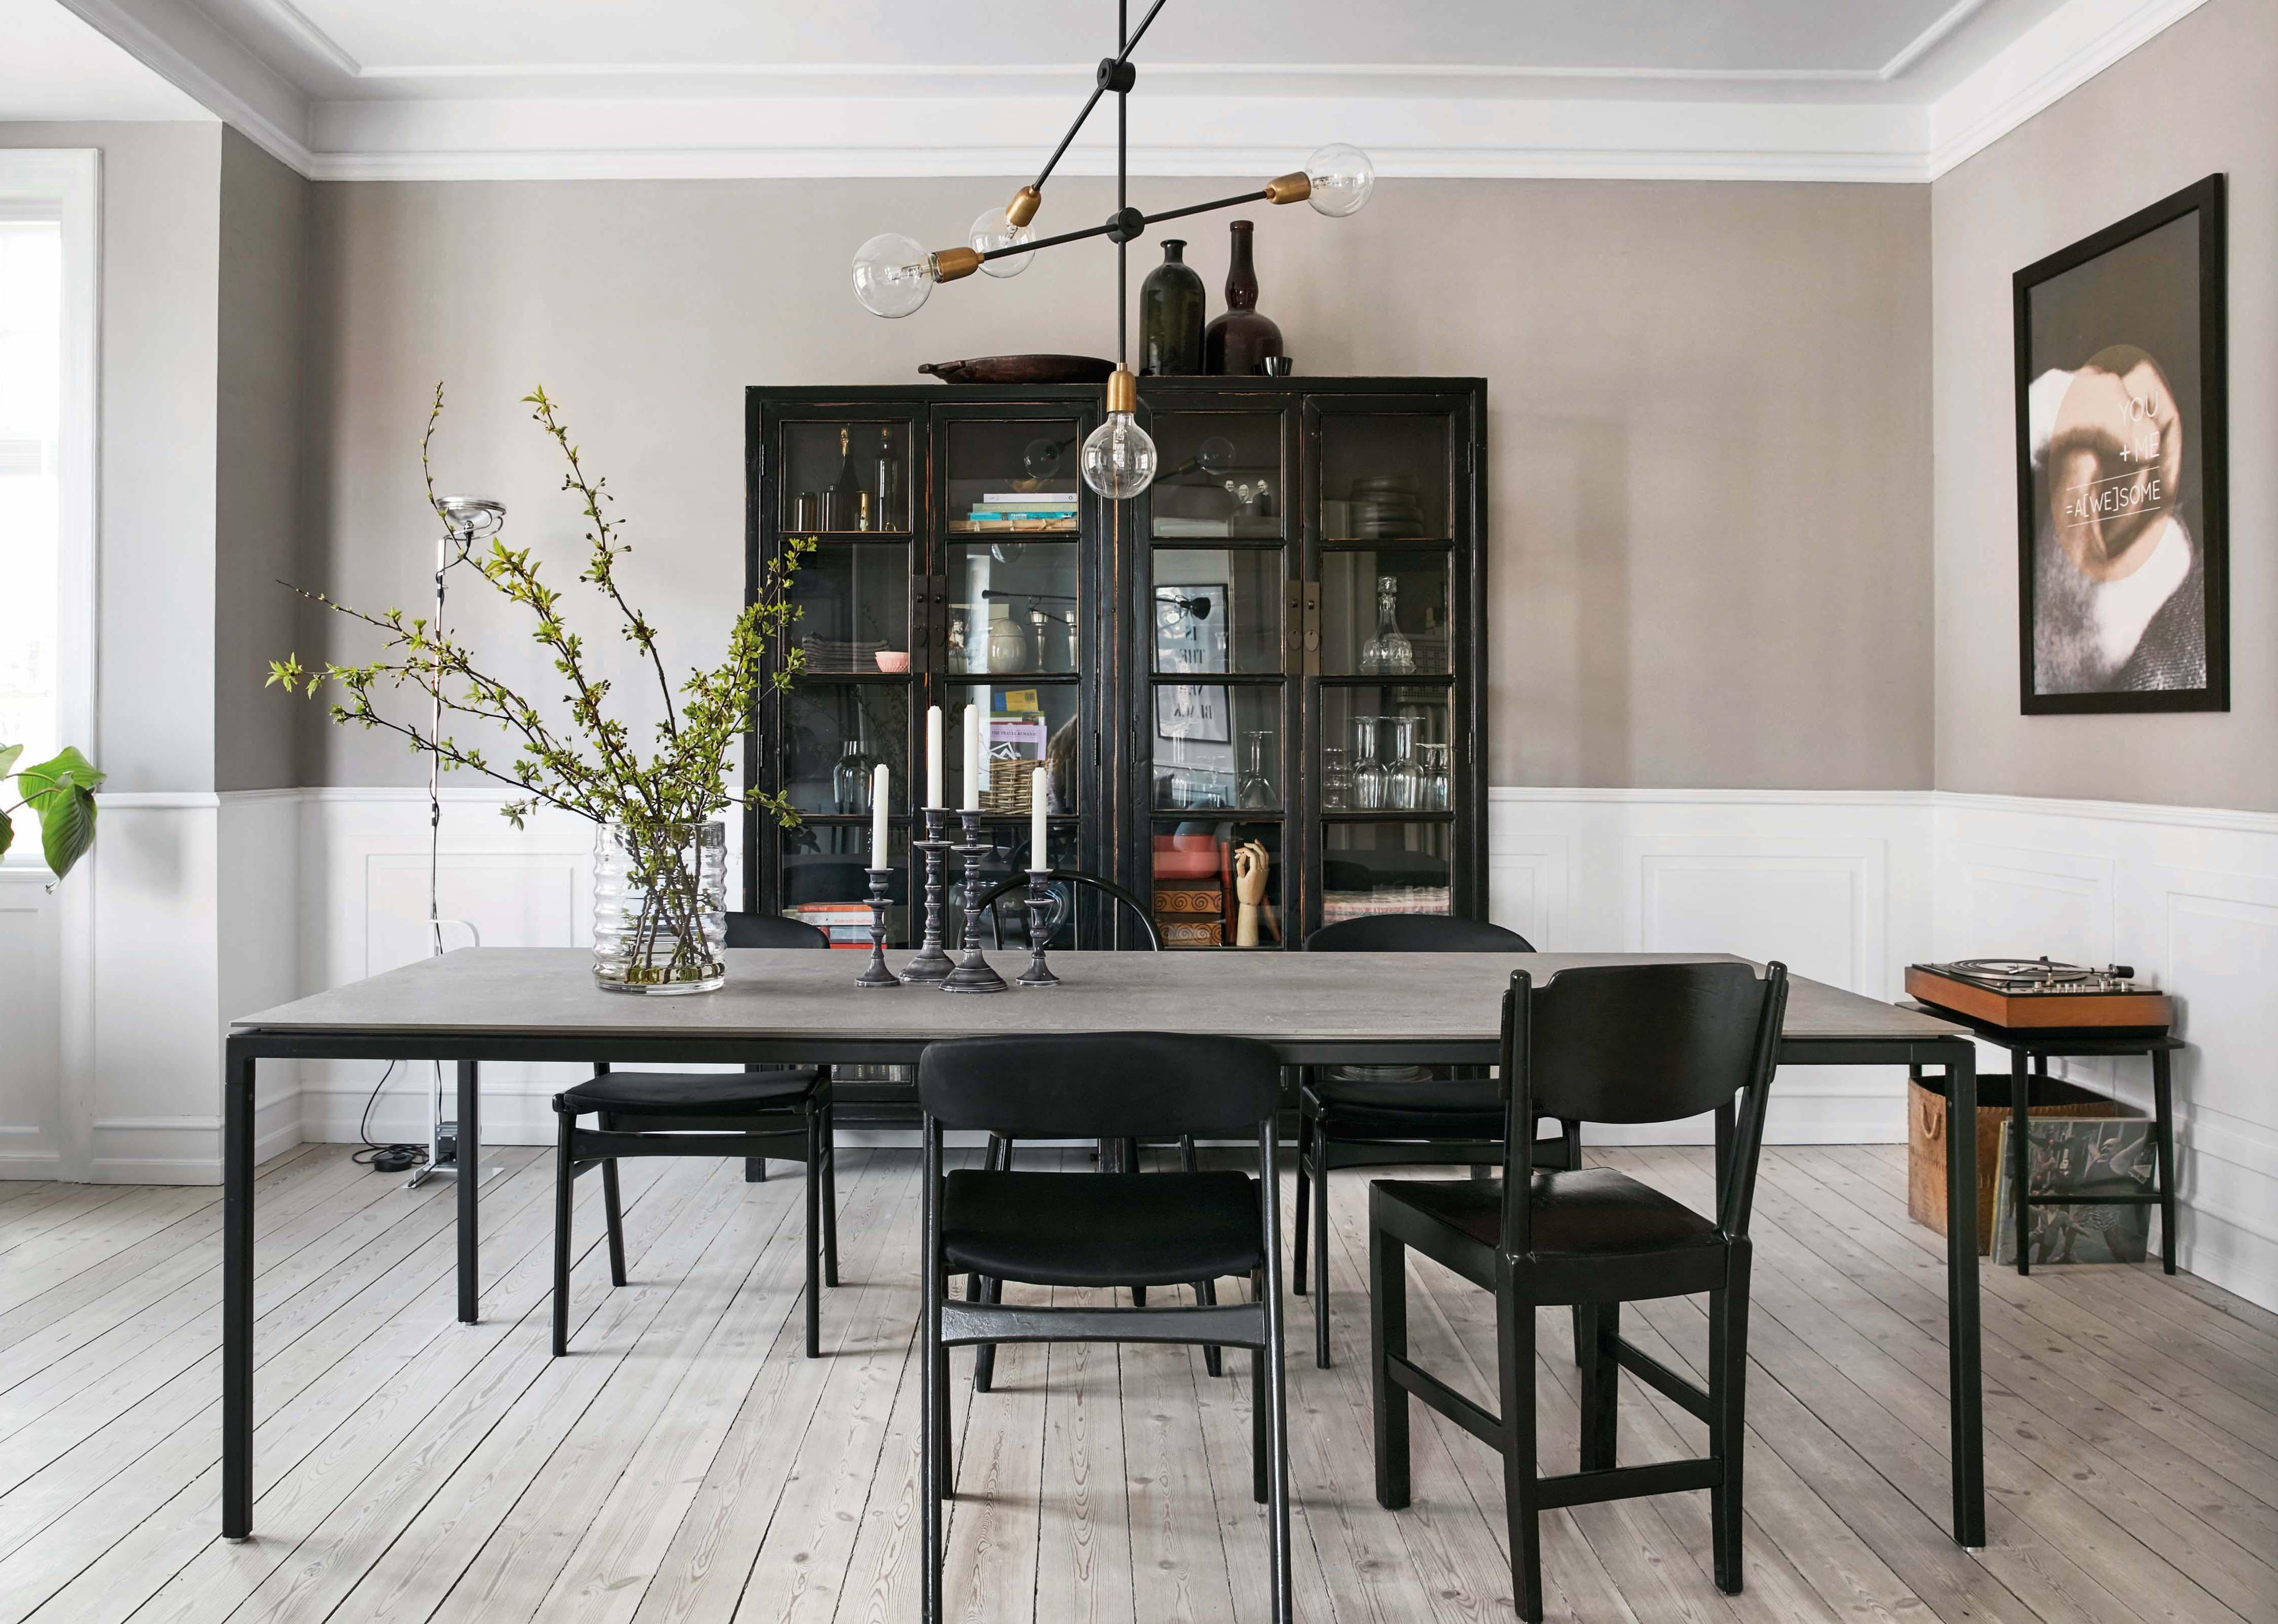 Großartig Land Küche Aus Massivholz Stil Esstisch Bilder ...